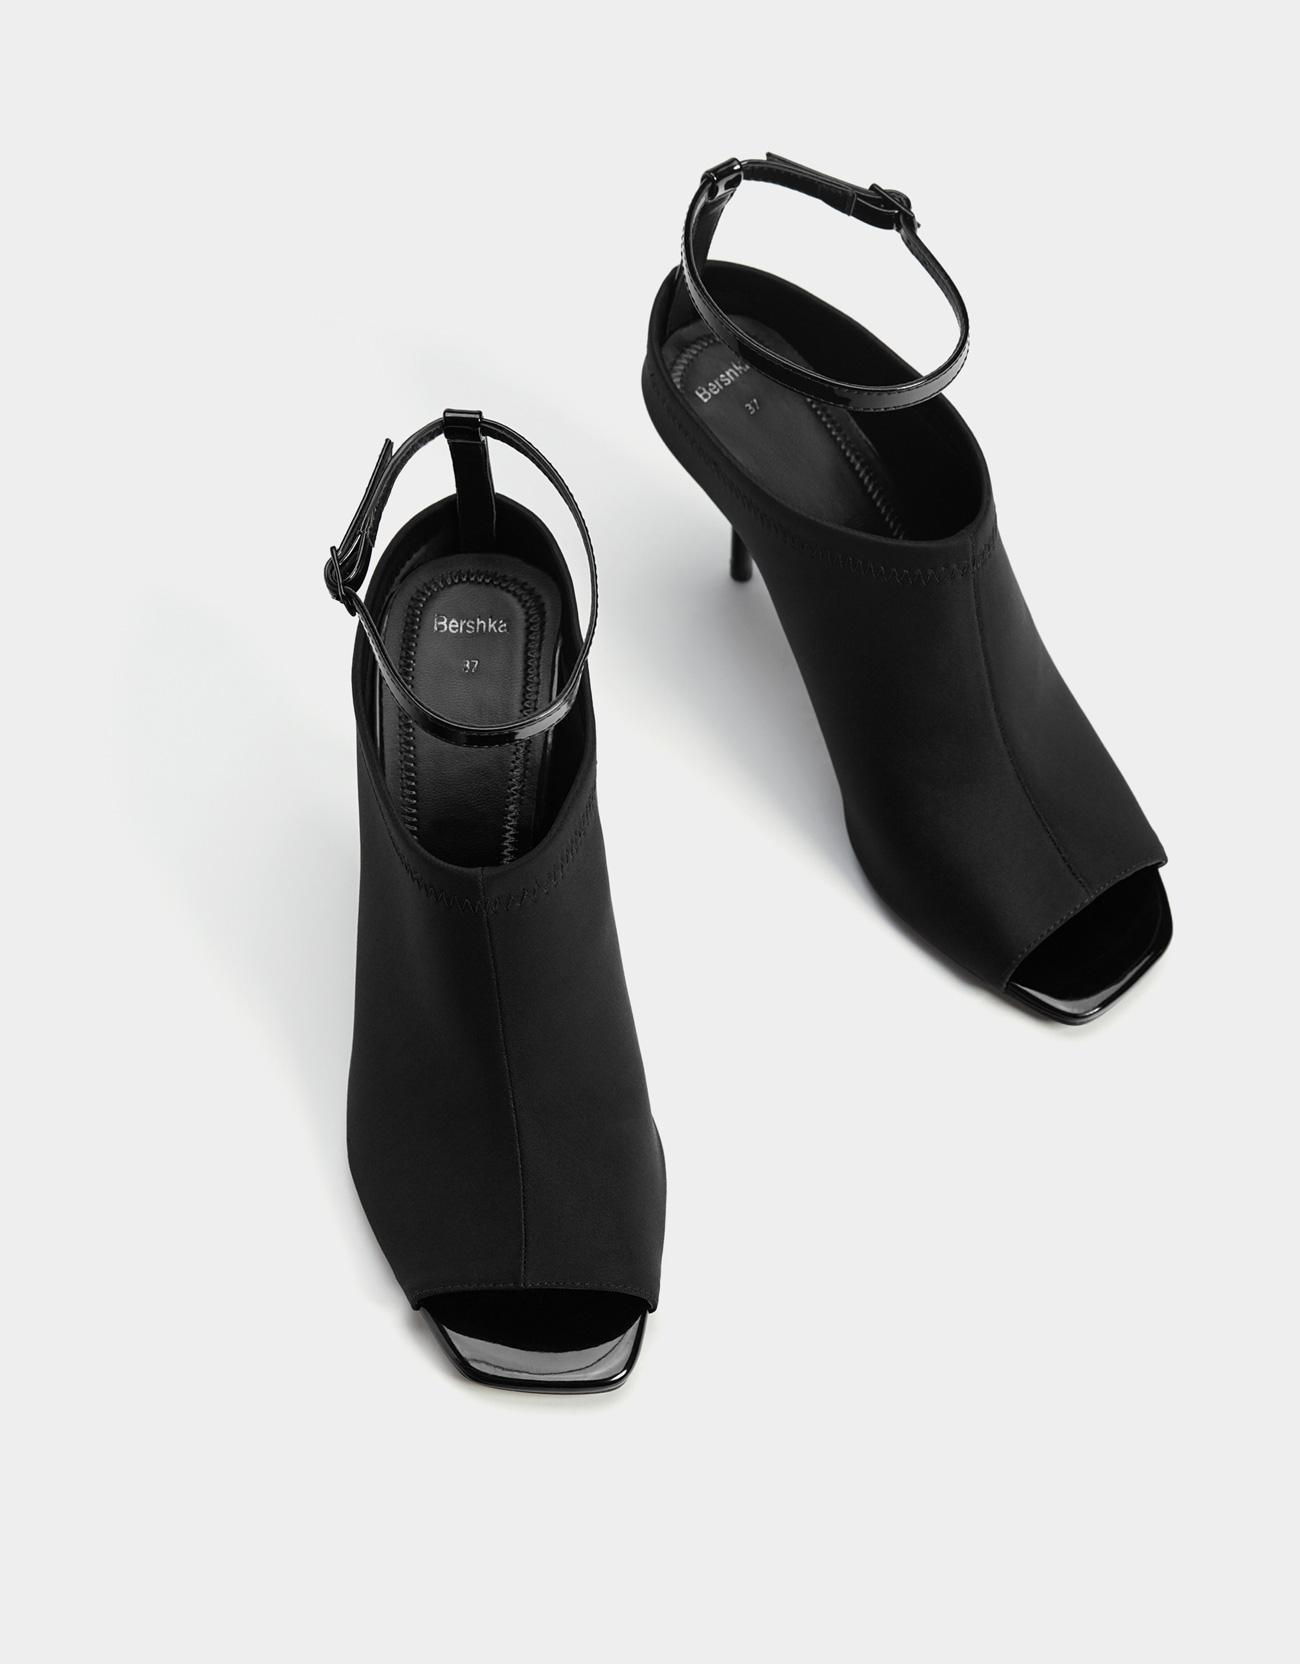 043c86df1a78 Svøbende sandal med hæl - Sandal med hæl - Bershka Denmark